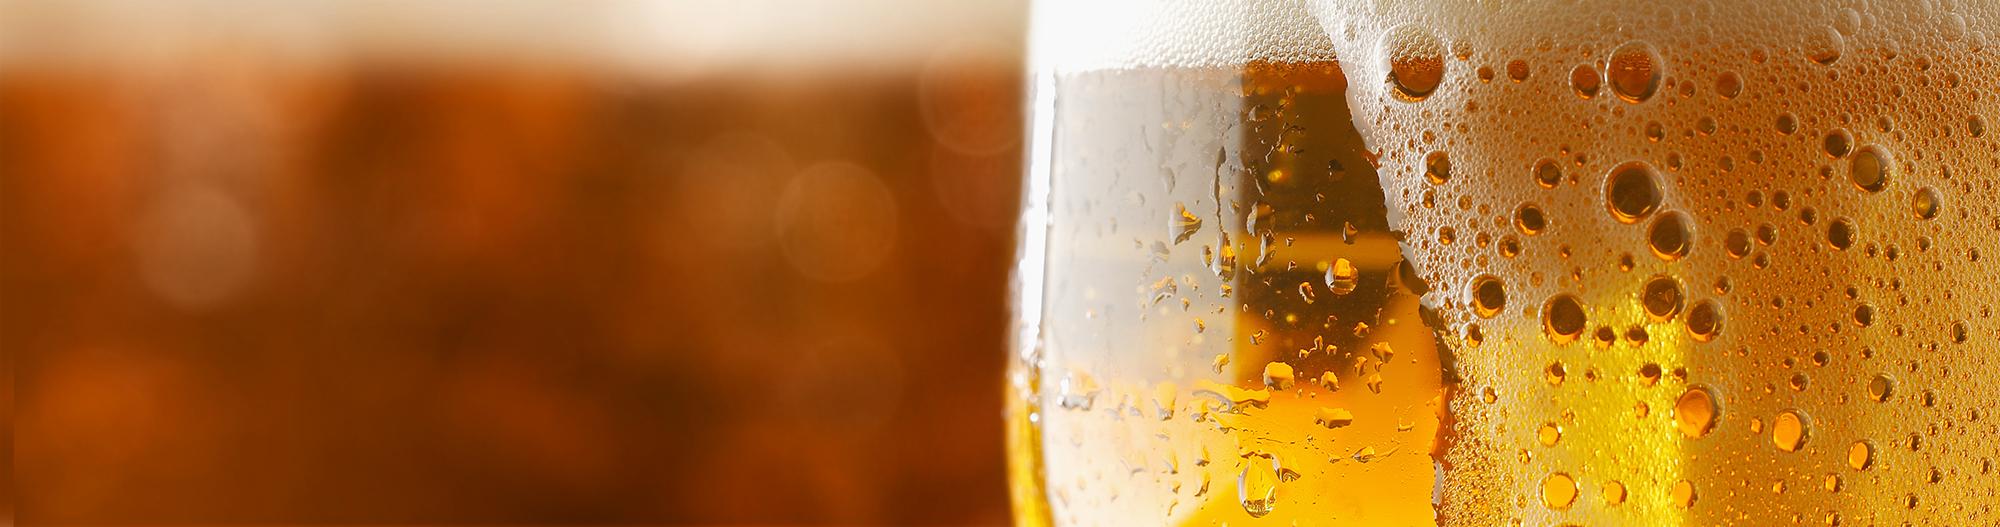 News aus der Welt der Bier-Sommeliers